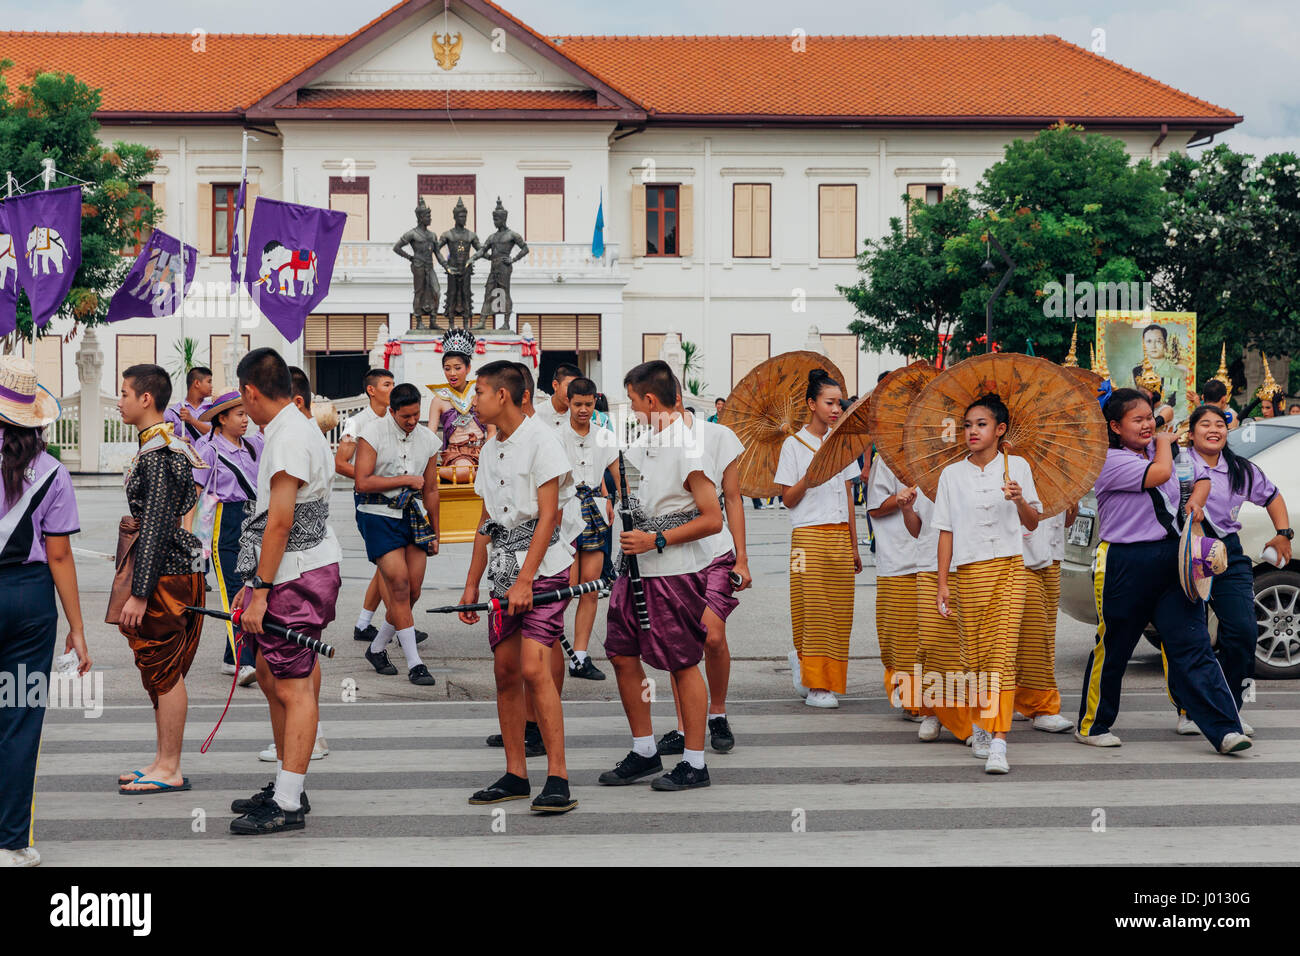 Chiang Mai, Thailand - 24. August 2016: Jungen und Mädchen im Festival Kostüme parade in der Nähe Stockbild